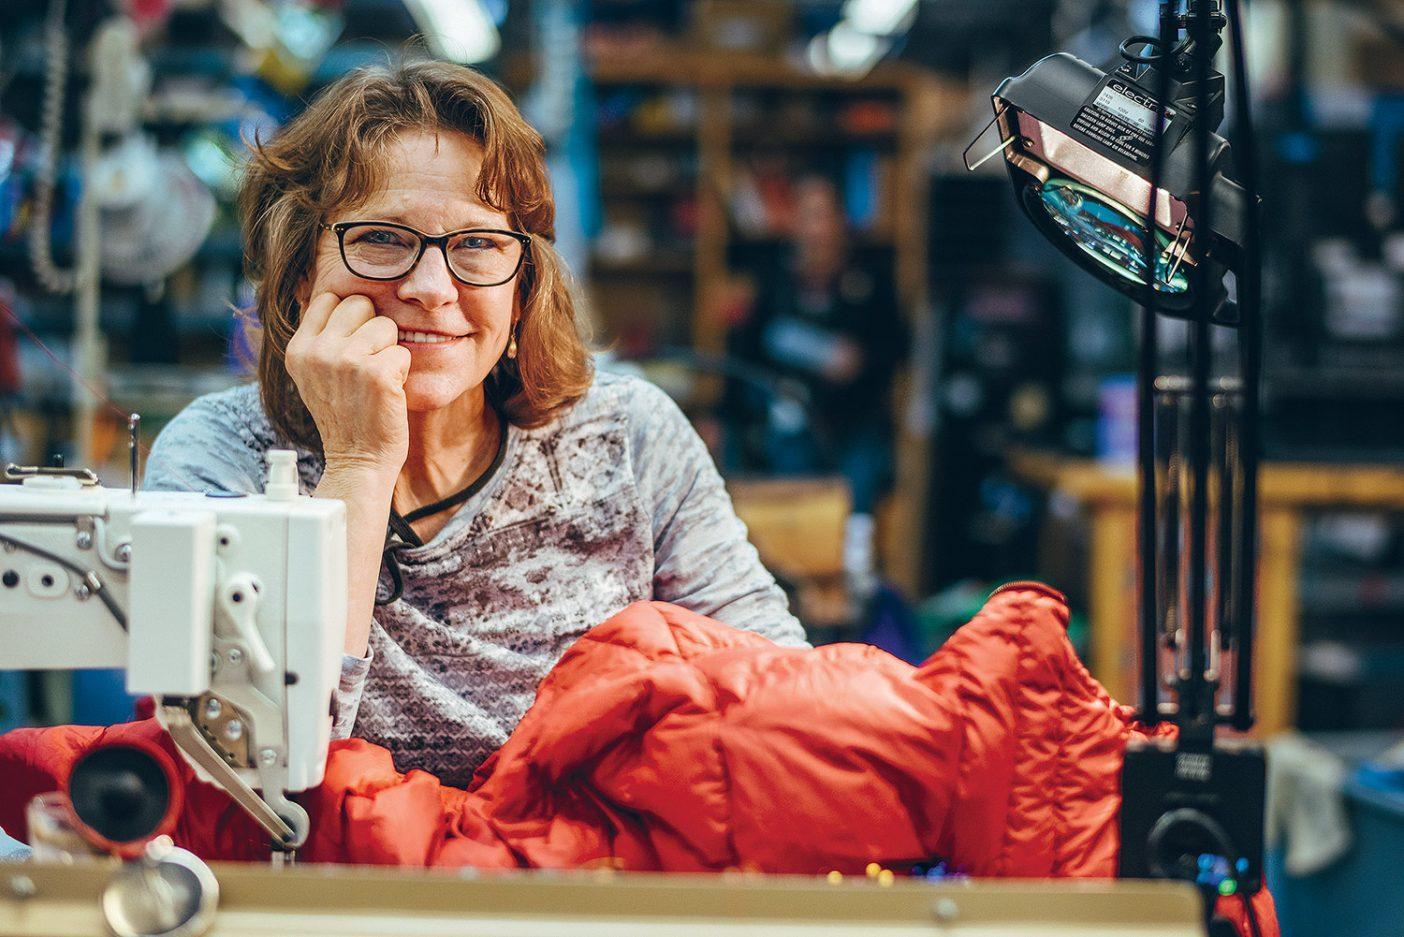 リノの修理センターでこよなく愛された製品を修理するスーザン・ベイカー。1987 年のチョー・オユー遠征でベースキャンプのサポート隊員だったスーザン(彼女の子供たちの父親はネバダからのクライミングチームに所属していた)は、いまでもオリジナルのシュイナード・エクスペディション・ソーイングキットを所有。彼女はそれを使って暴風に切り刻まれたテントのフラップや、チームメンバーのゲイターを修理した。 Photo: Ken Etzel